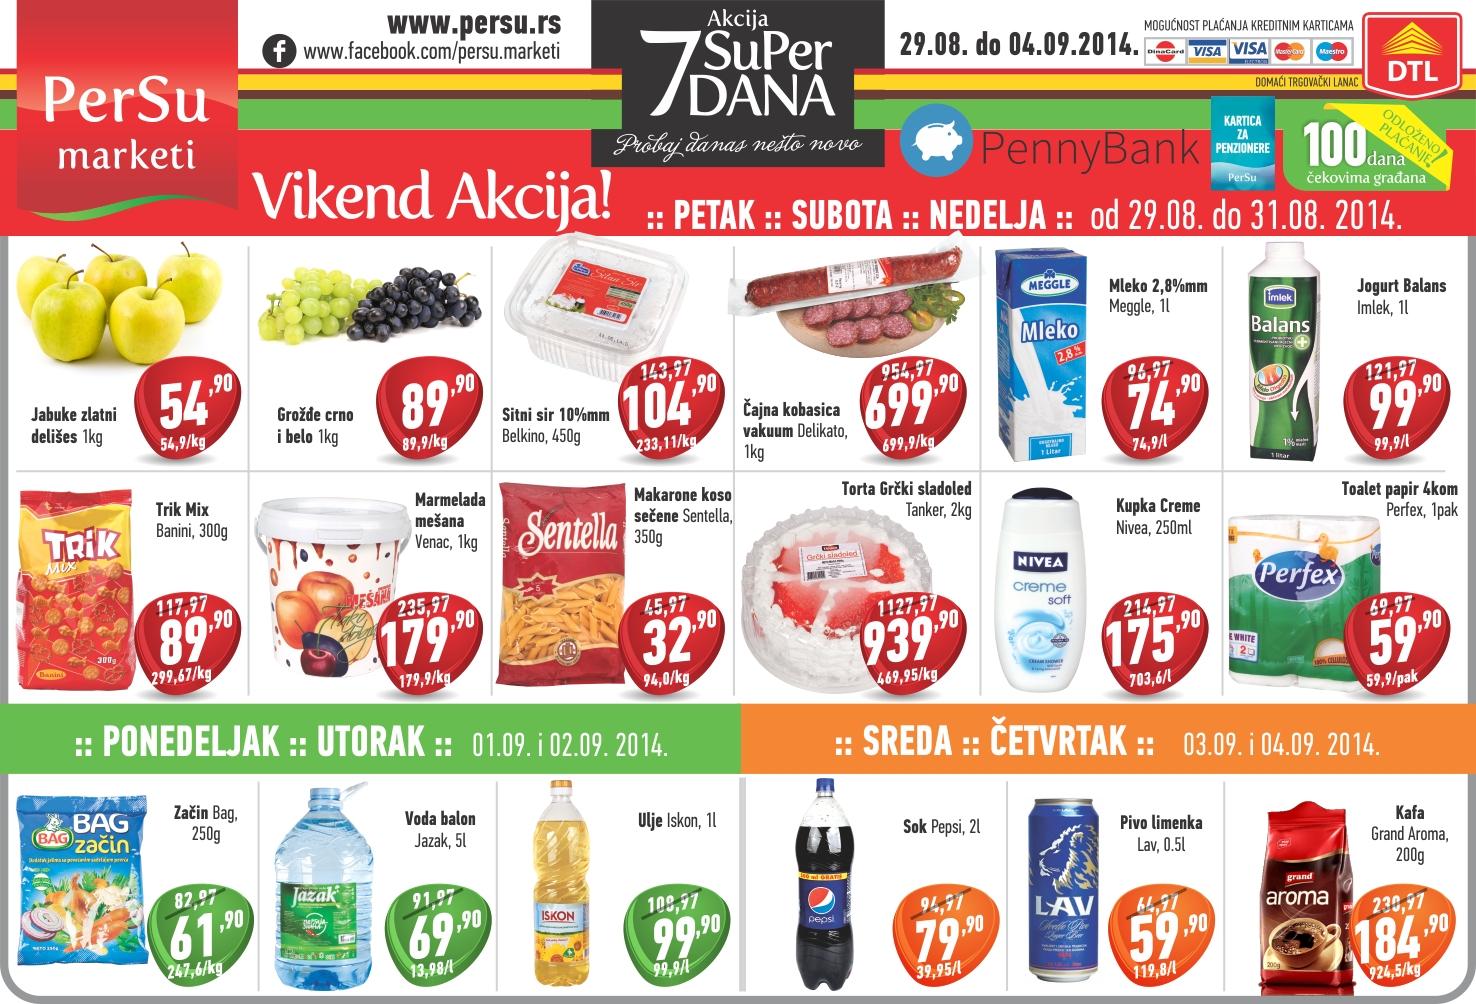 Persu akcija nedelja odlične kupovine